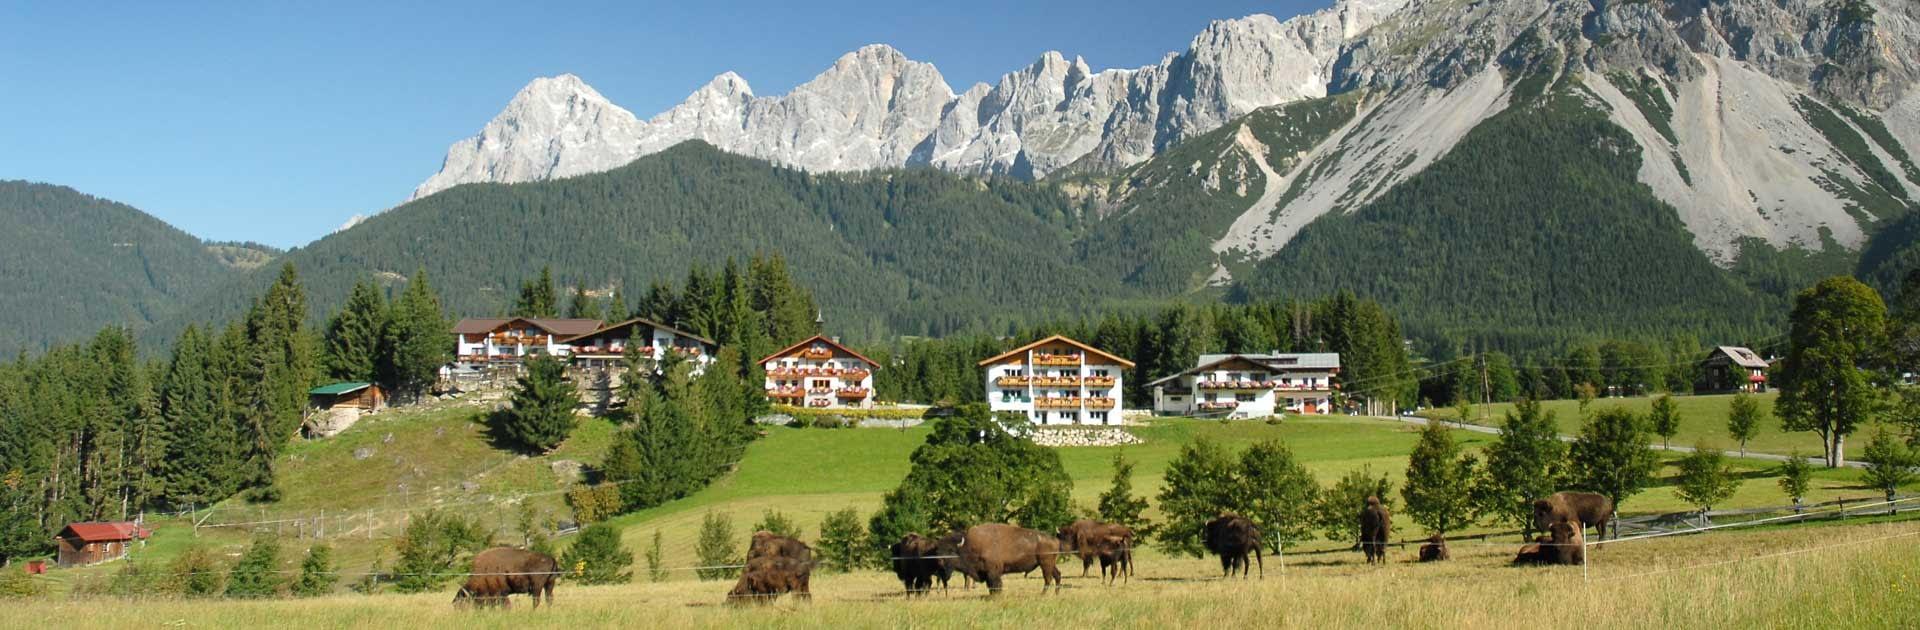 Hotel Garni Ramsauer Alm Panoramabild